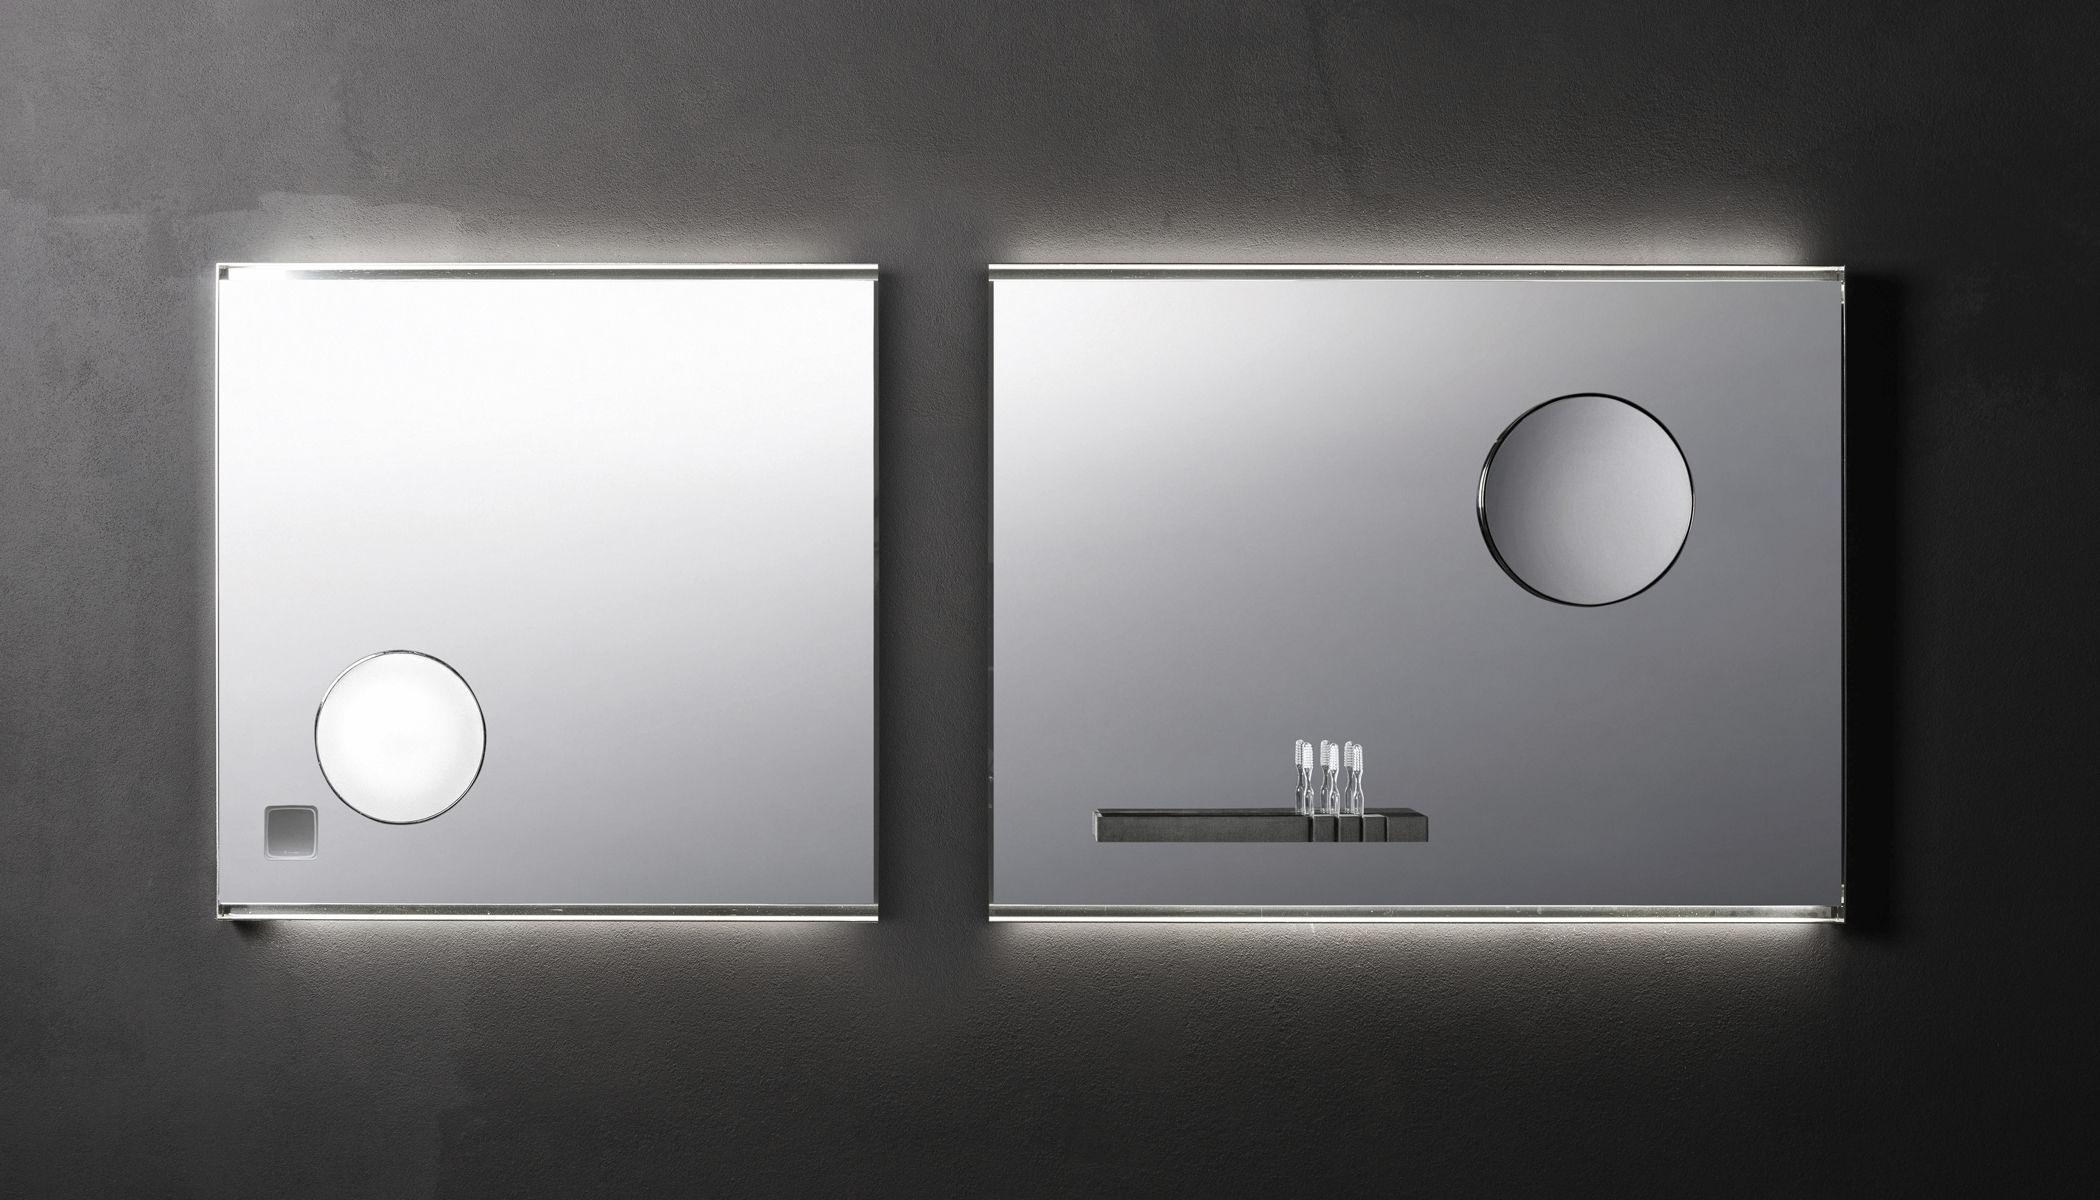 Specchio Con Led Incorporato.Specchio Da Bagno A Muro Luminoso A Led Ingranditore